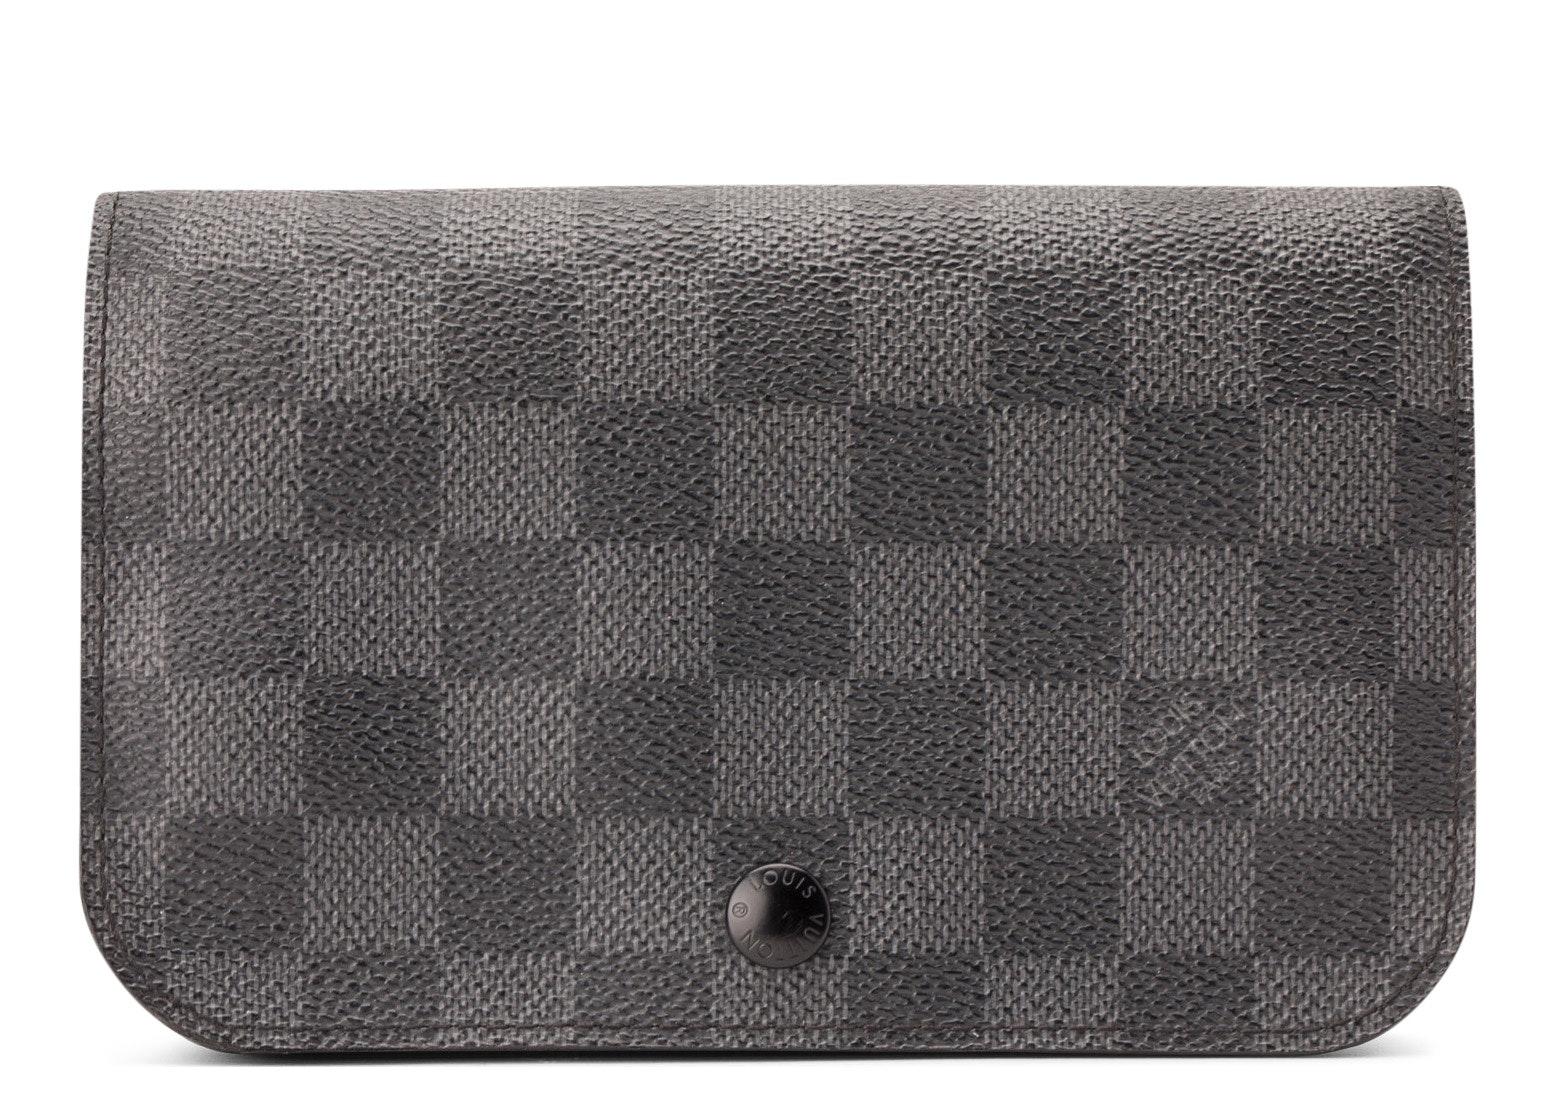 Louis Vuitton Ceinture Pochette Damier Graphite No Belt